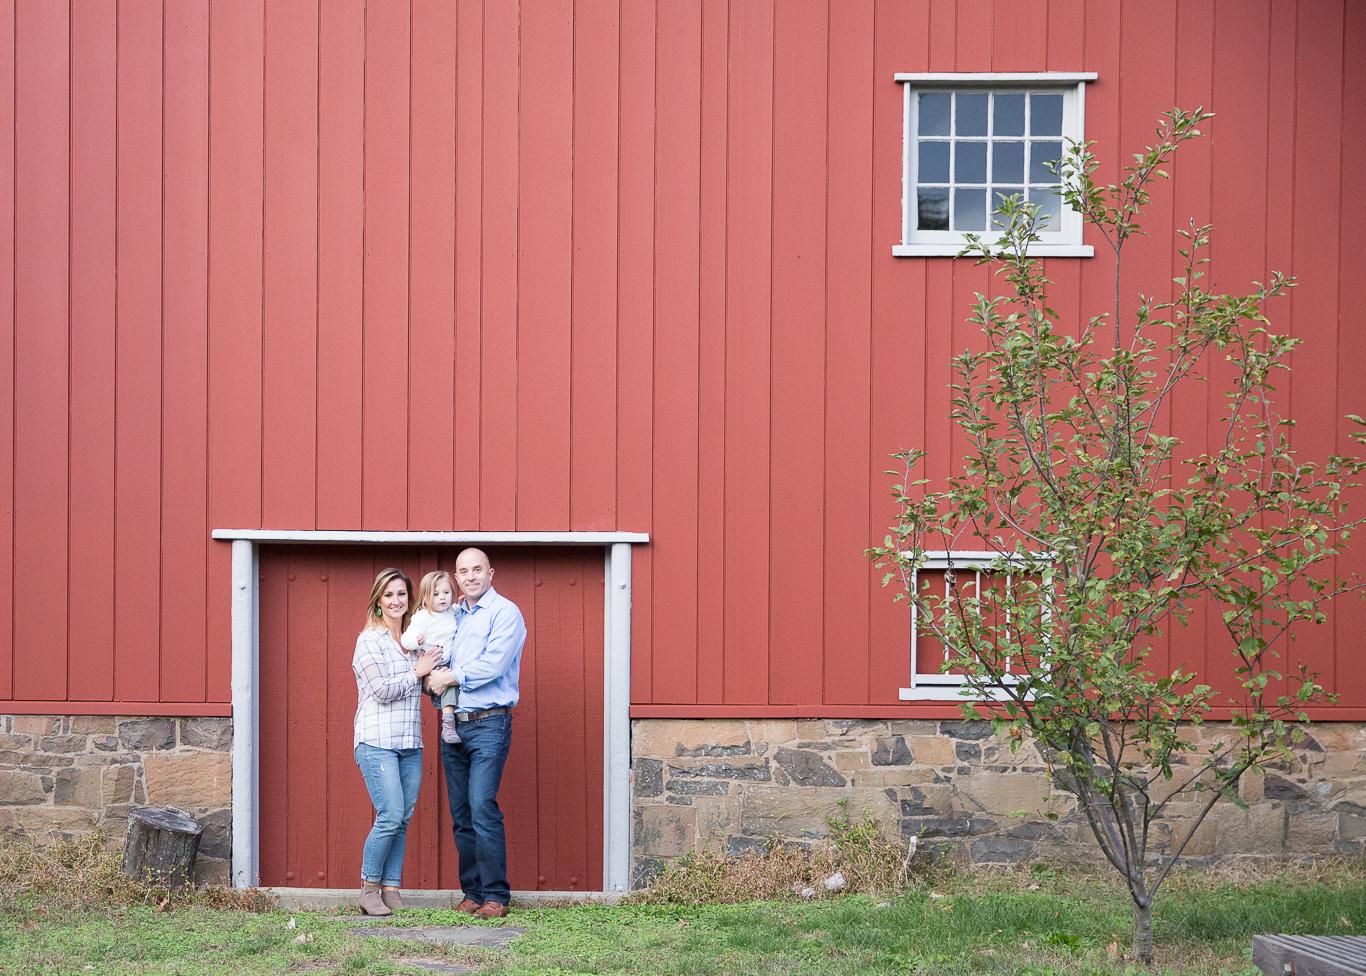 clytie-sadler-photography-fall-family-portraits-018.JPG